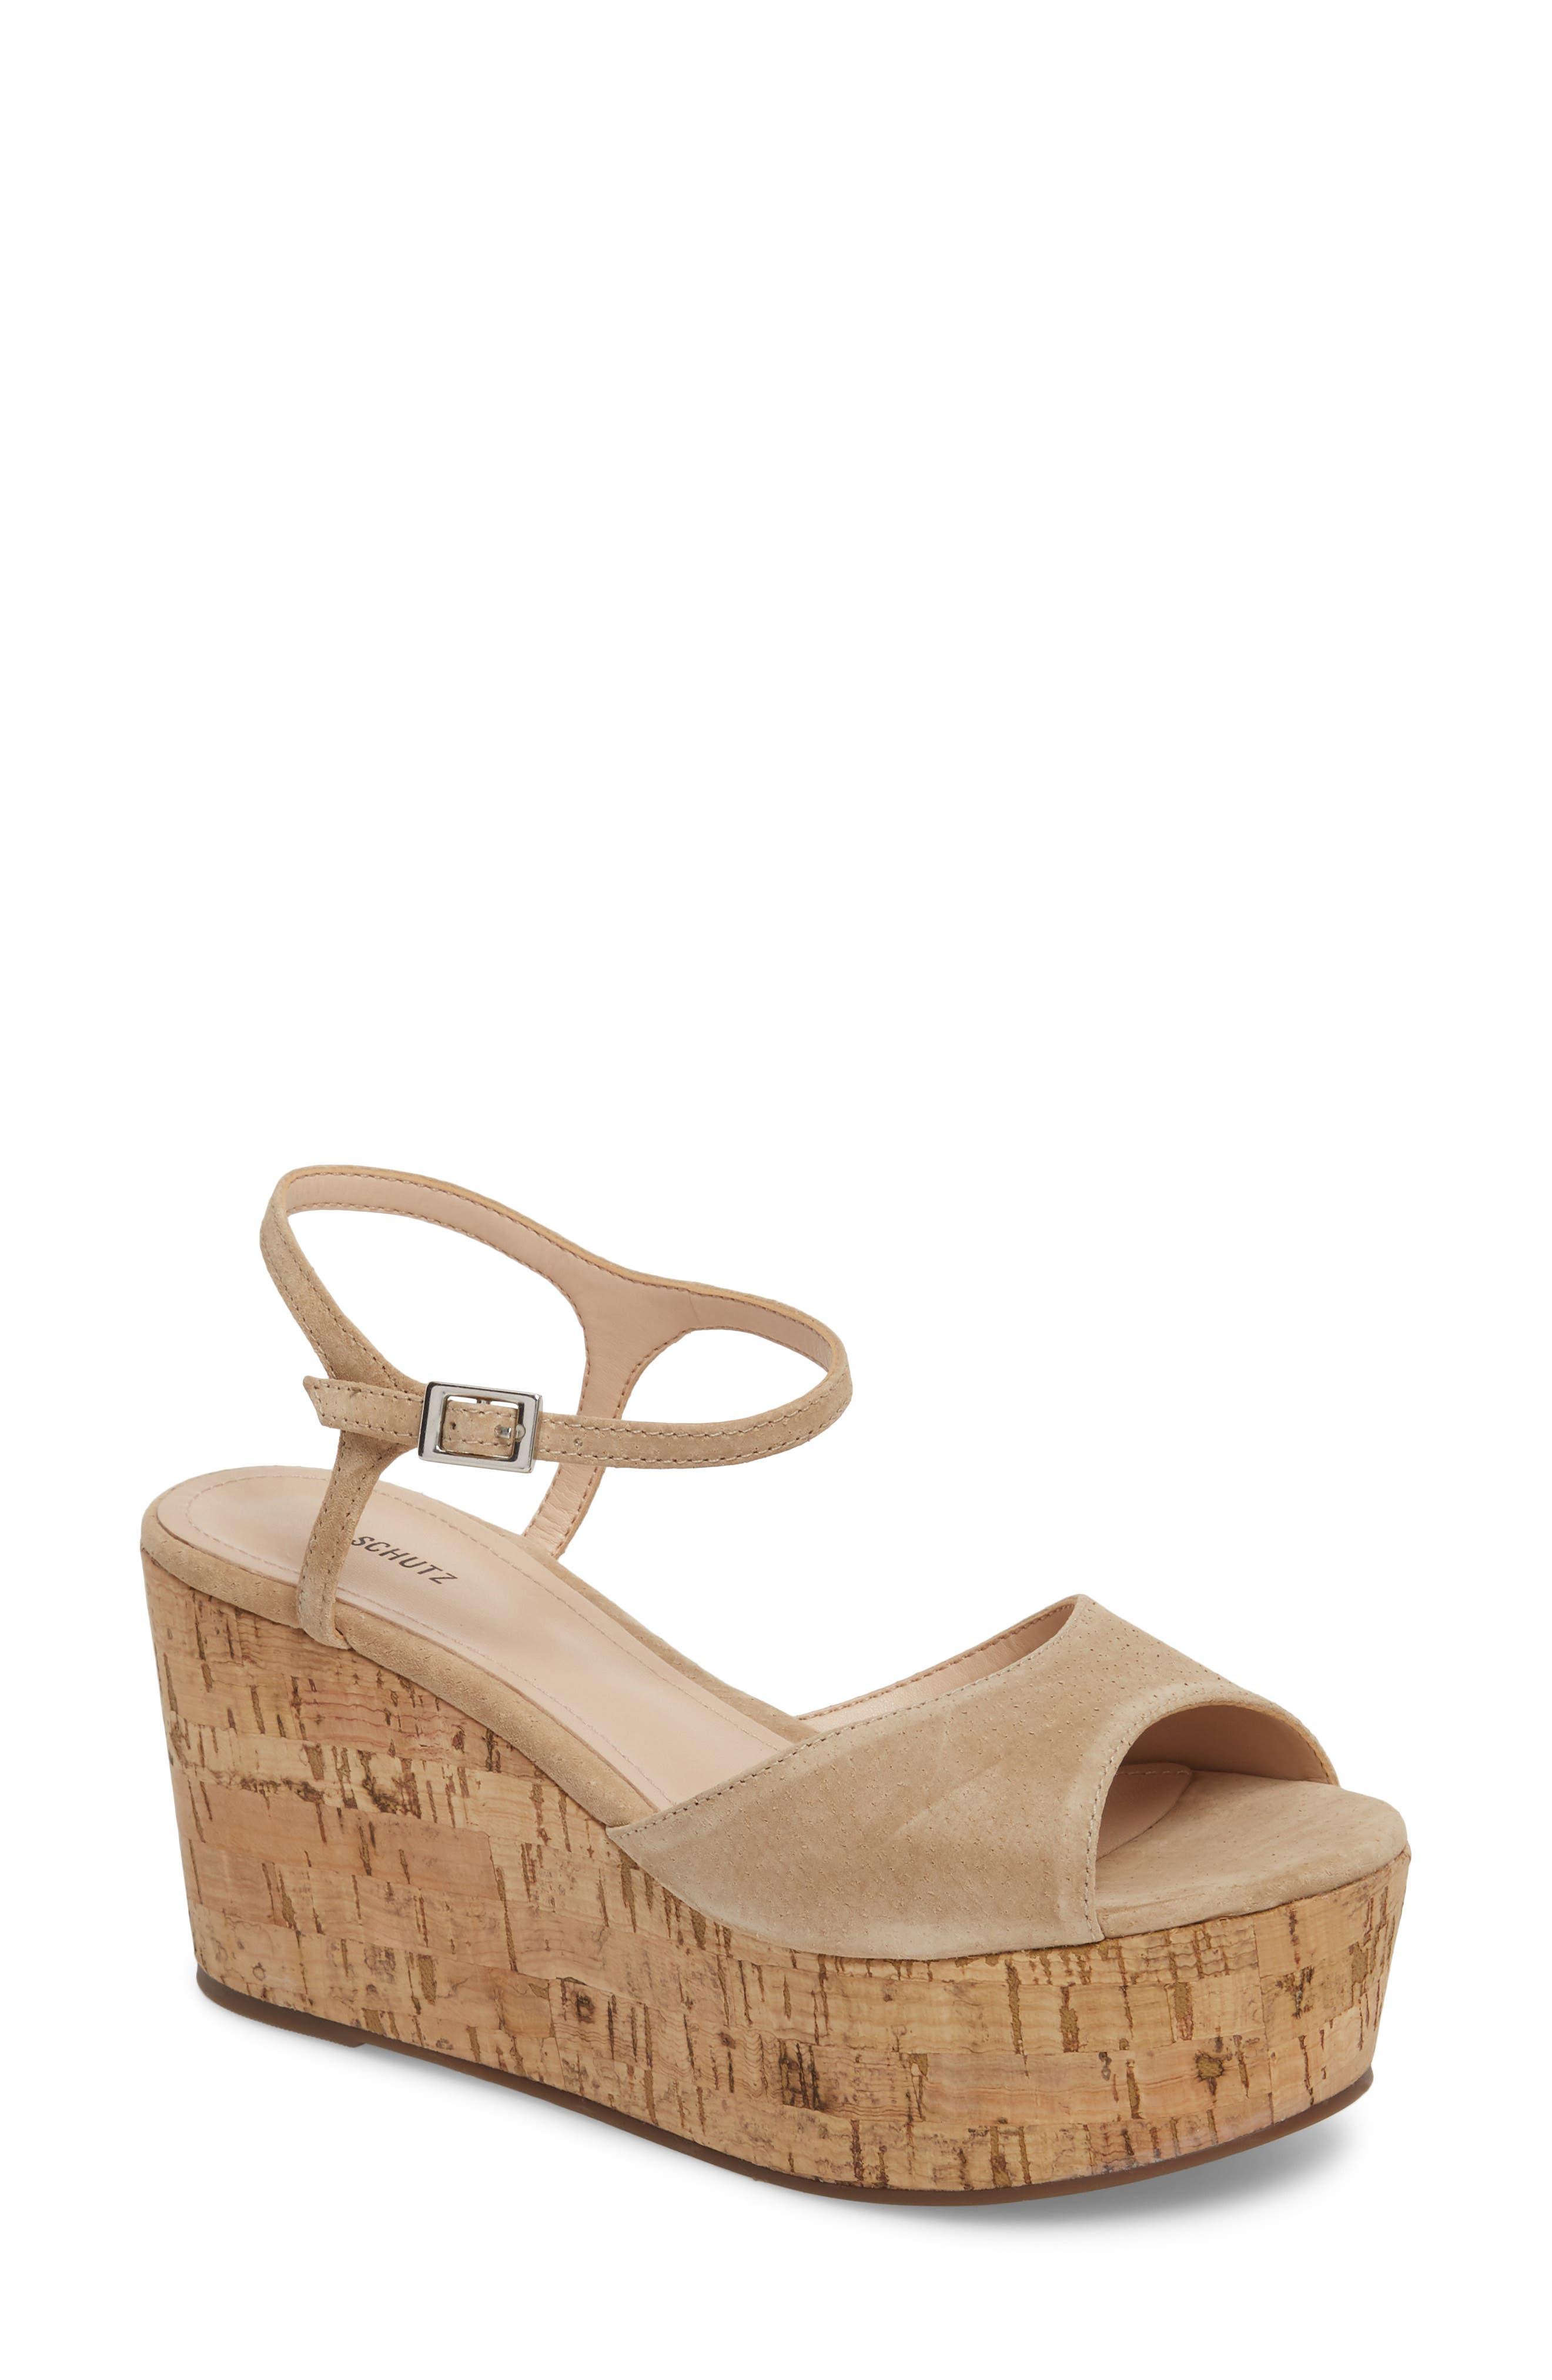 Heloise Platform Wedge Sandal,                         Main,                         color, 250